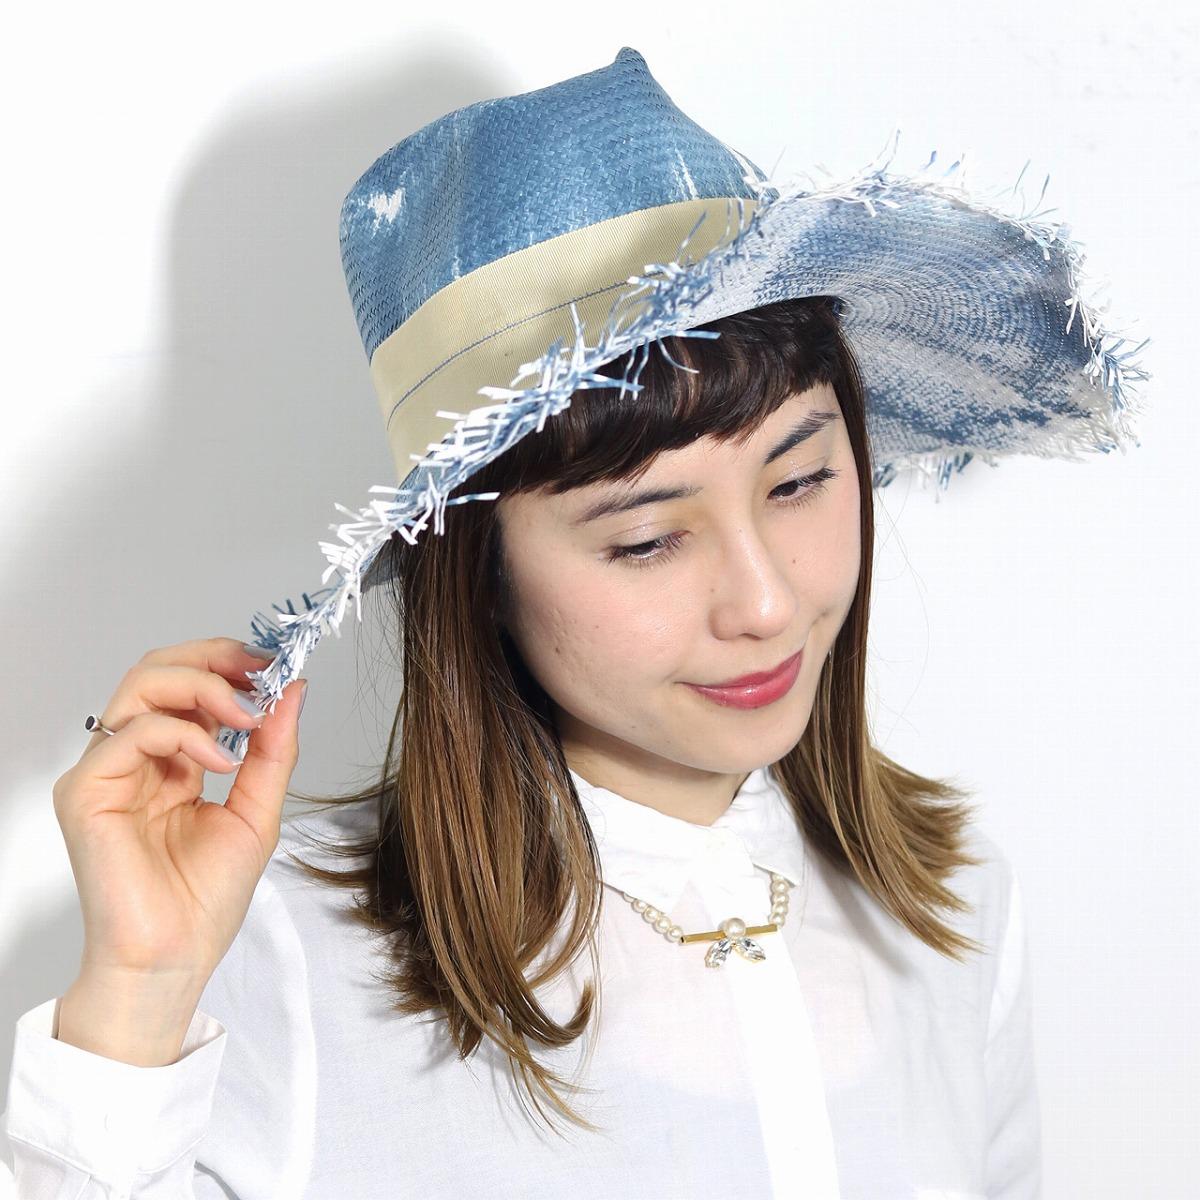 リゾートビーチで使えば注目度No.1 個性的でオシャレな切りっぱなしつば広ハット BROOKLYN HAT ストローハット つば広 ハット レディース ブルックリンハット 帽子 切りっぱなし ビーチ リゾート コーデ レディース ツバ広 カット 個性的 ペーパーハット 紫外線 UV対策 帽子 水着 ハット 麦わら帽子 青 ブルー [ straw hat ] 父の日 ギフト 帽子 プレゼント